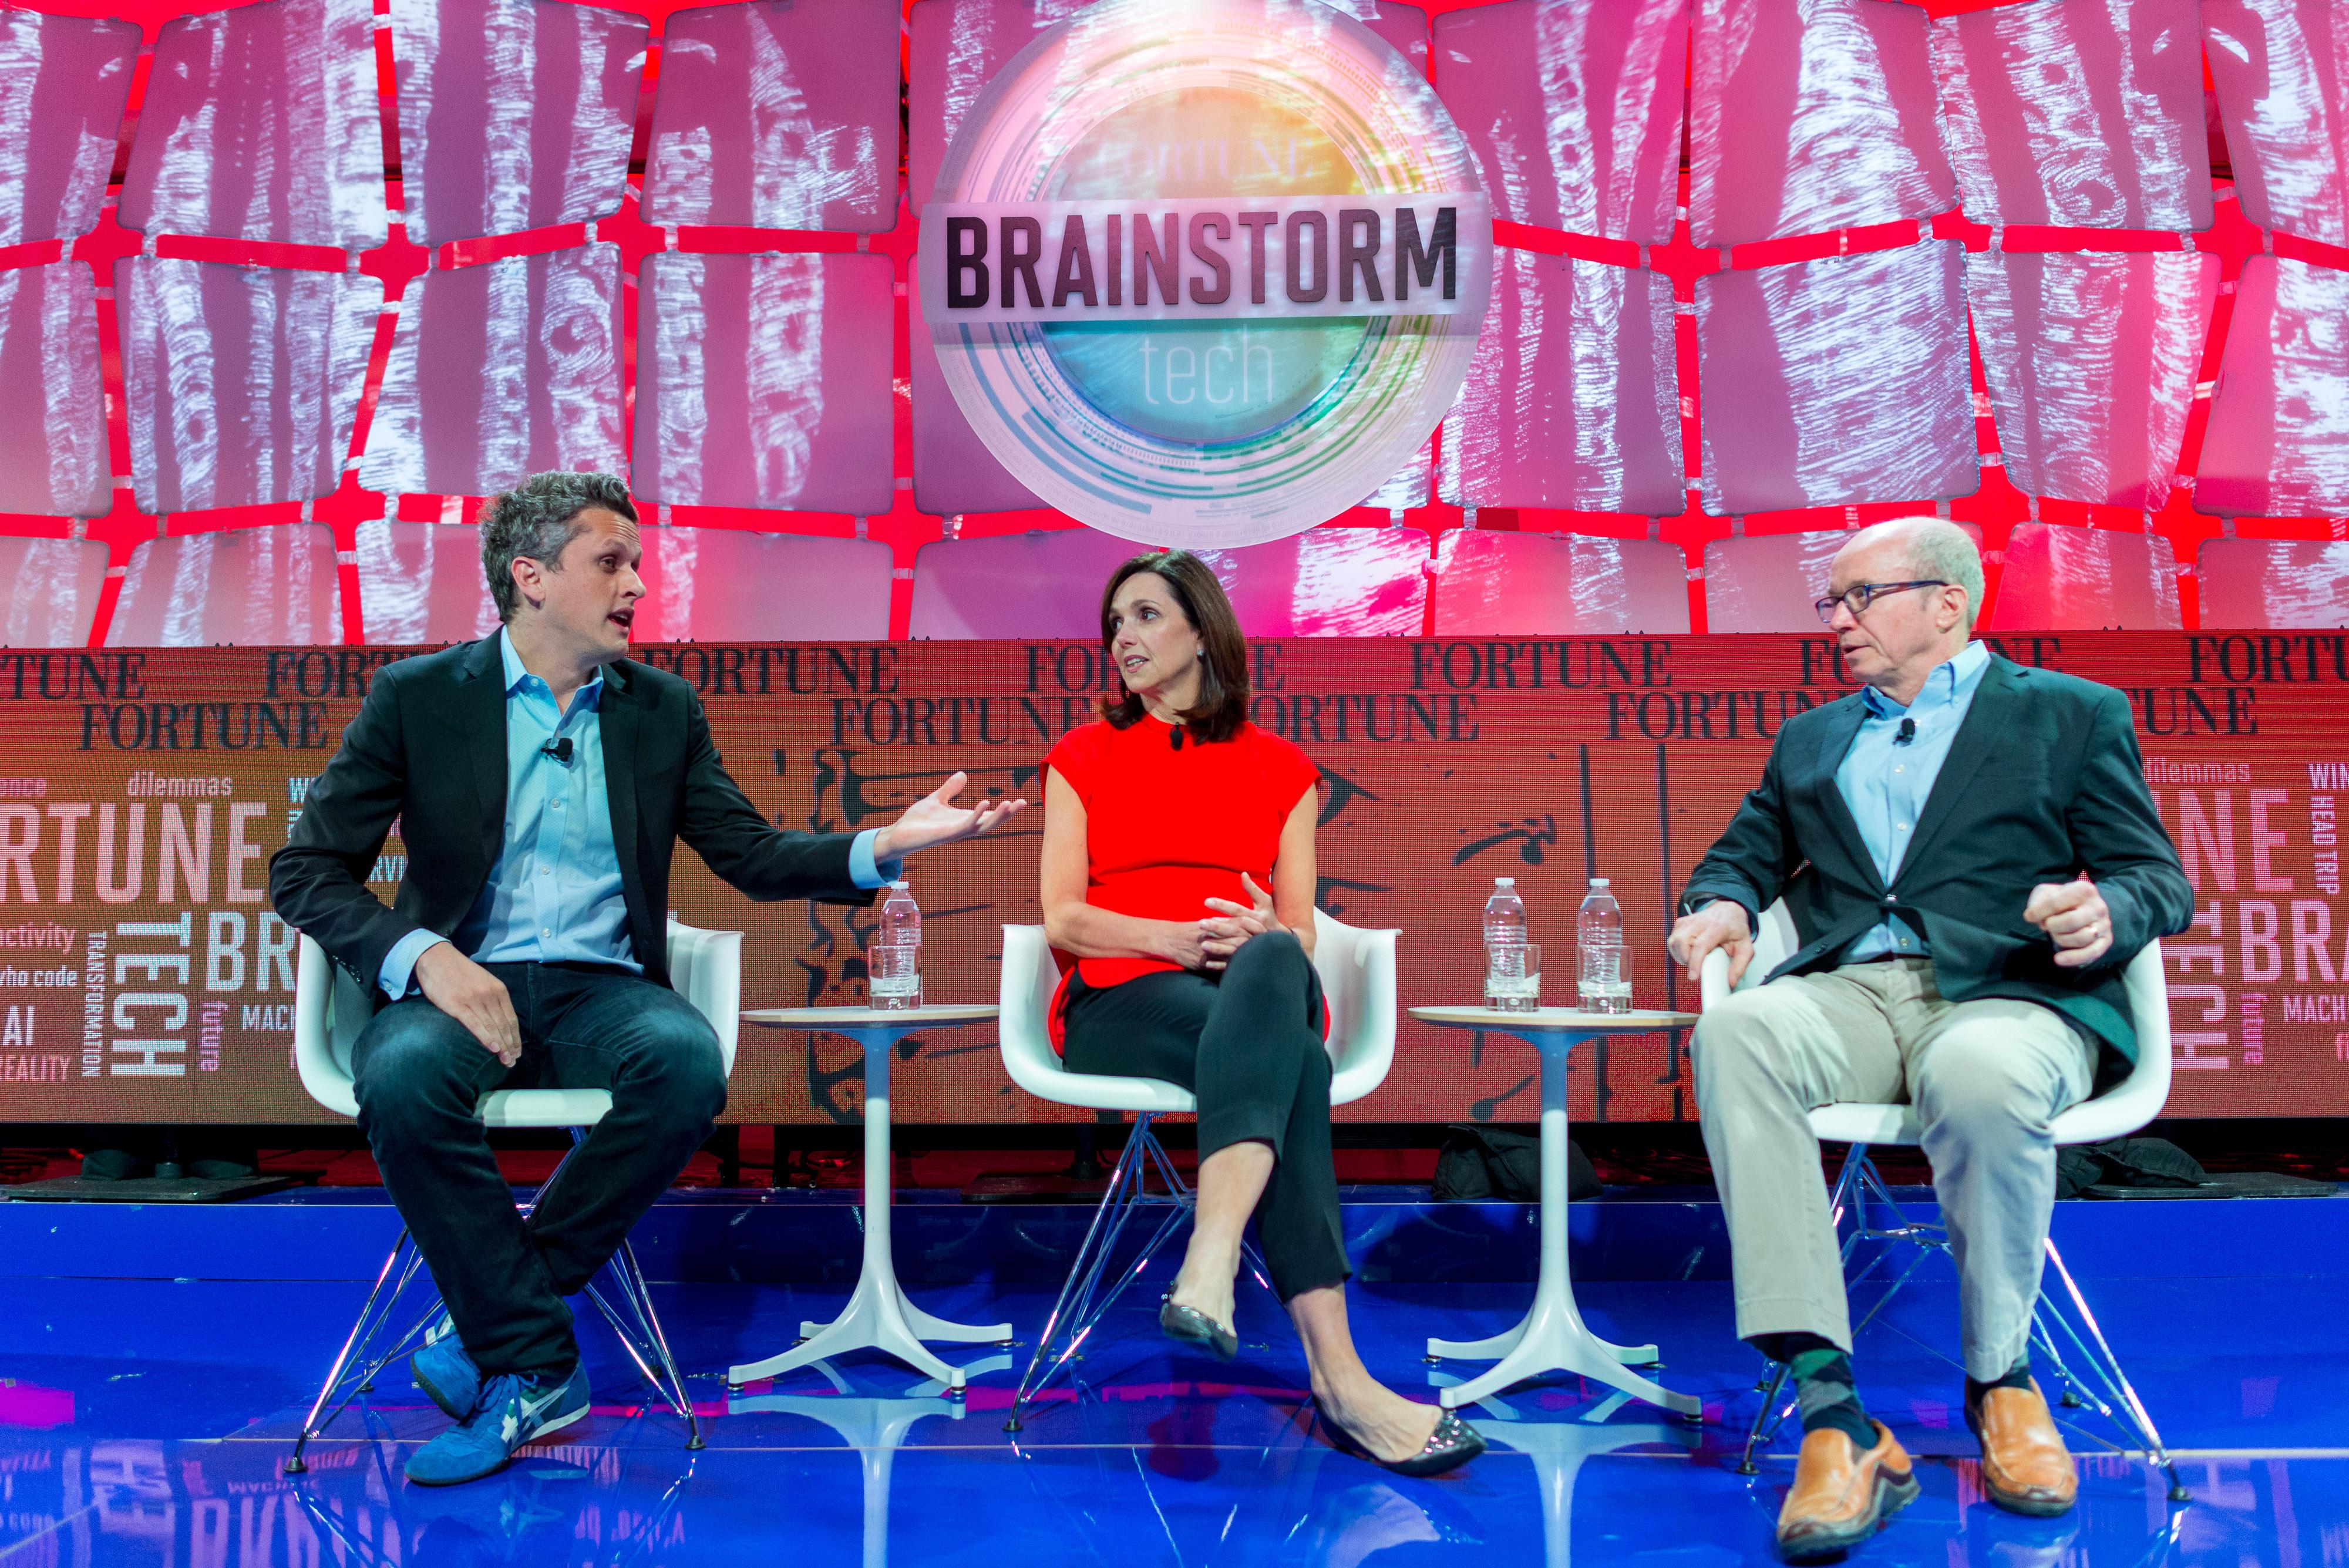 Fortune Brainstorm TECH 2016